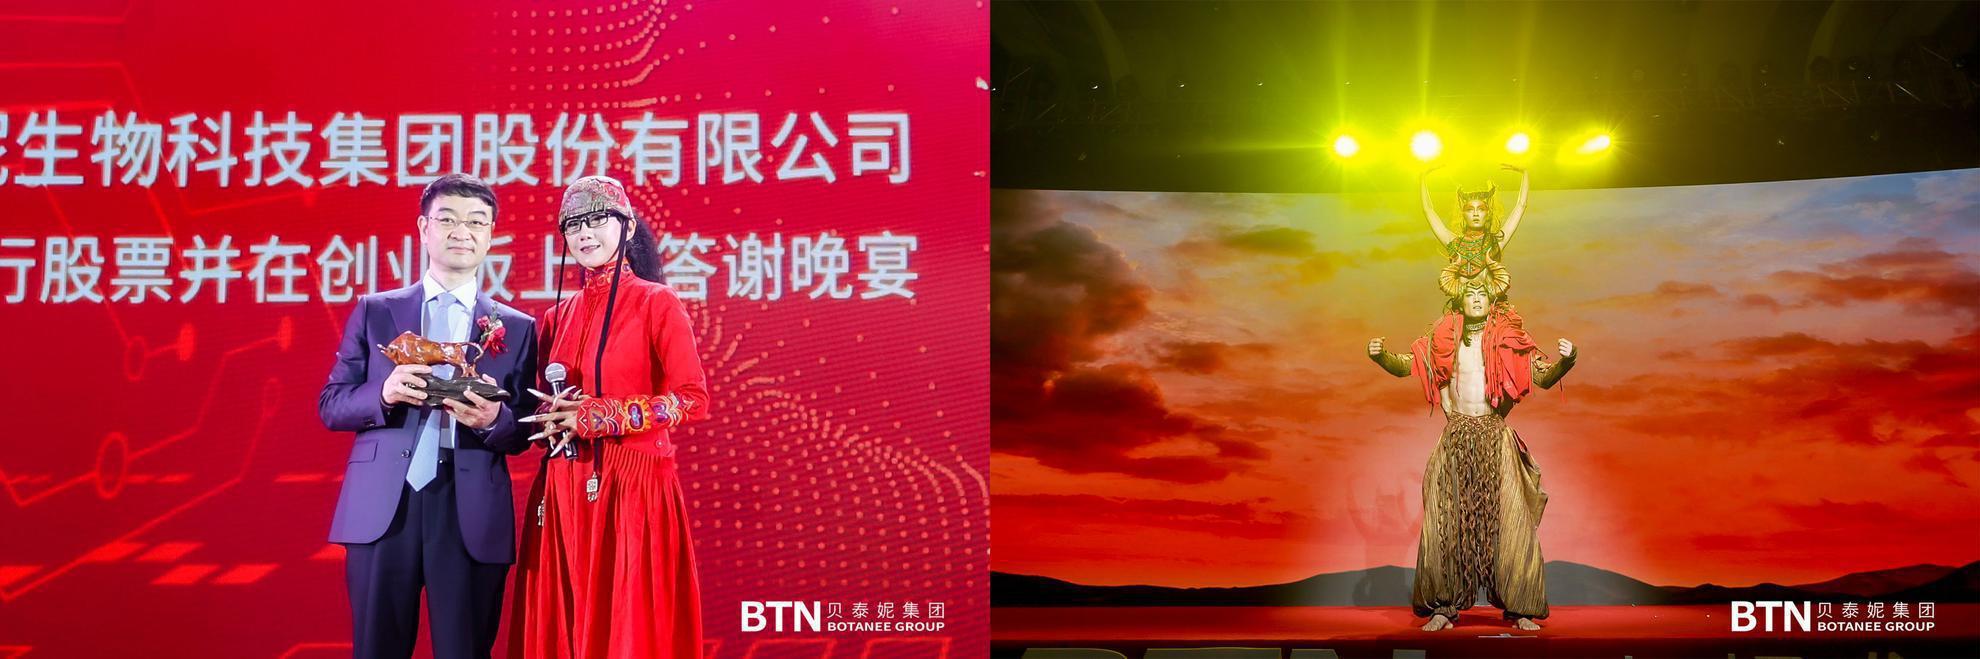 """薇诺娜母公司贝泰妮敲钟!中国""""功效性护肤品第一股""""高调起跑!"""